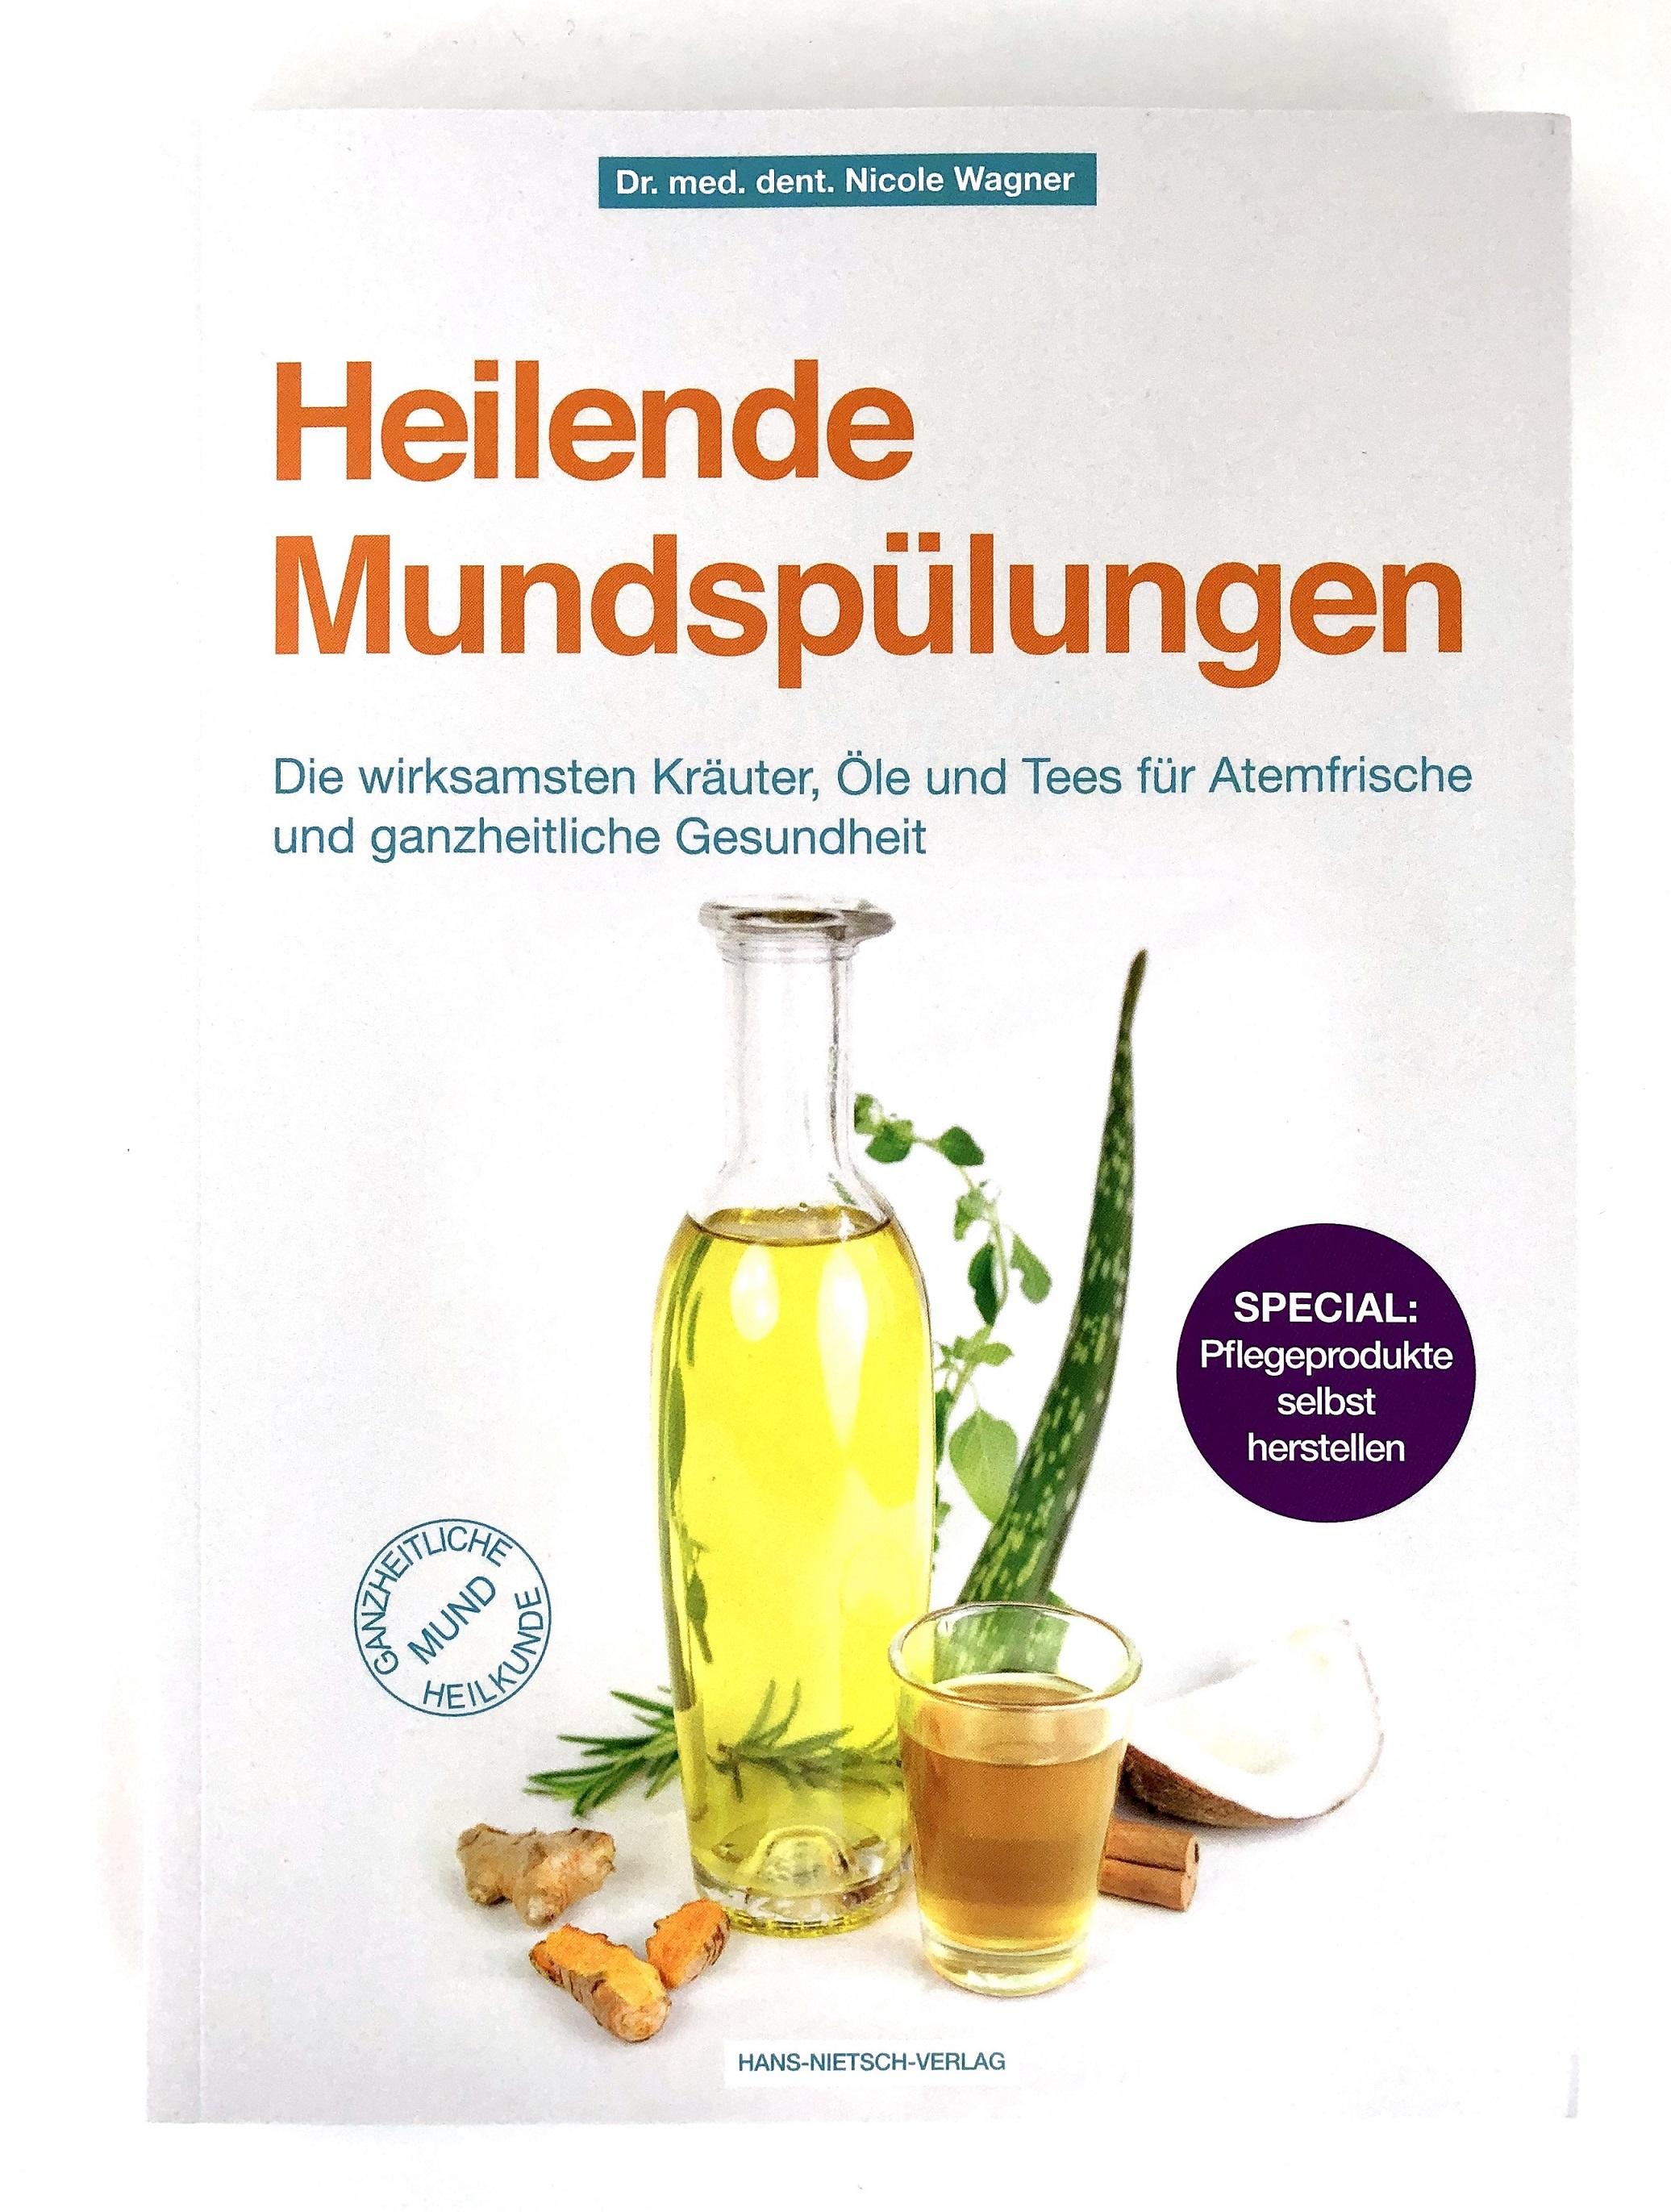 Buch: Heilende Mundspülungen Die wirksamsten Kräuter, Öle und Tees für Atemfrische und ganzheitliche Gesundheit.